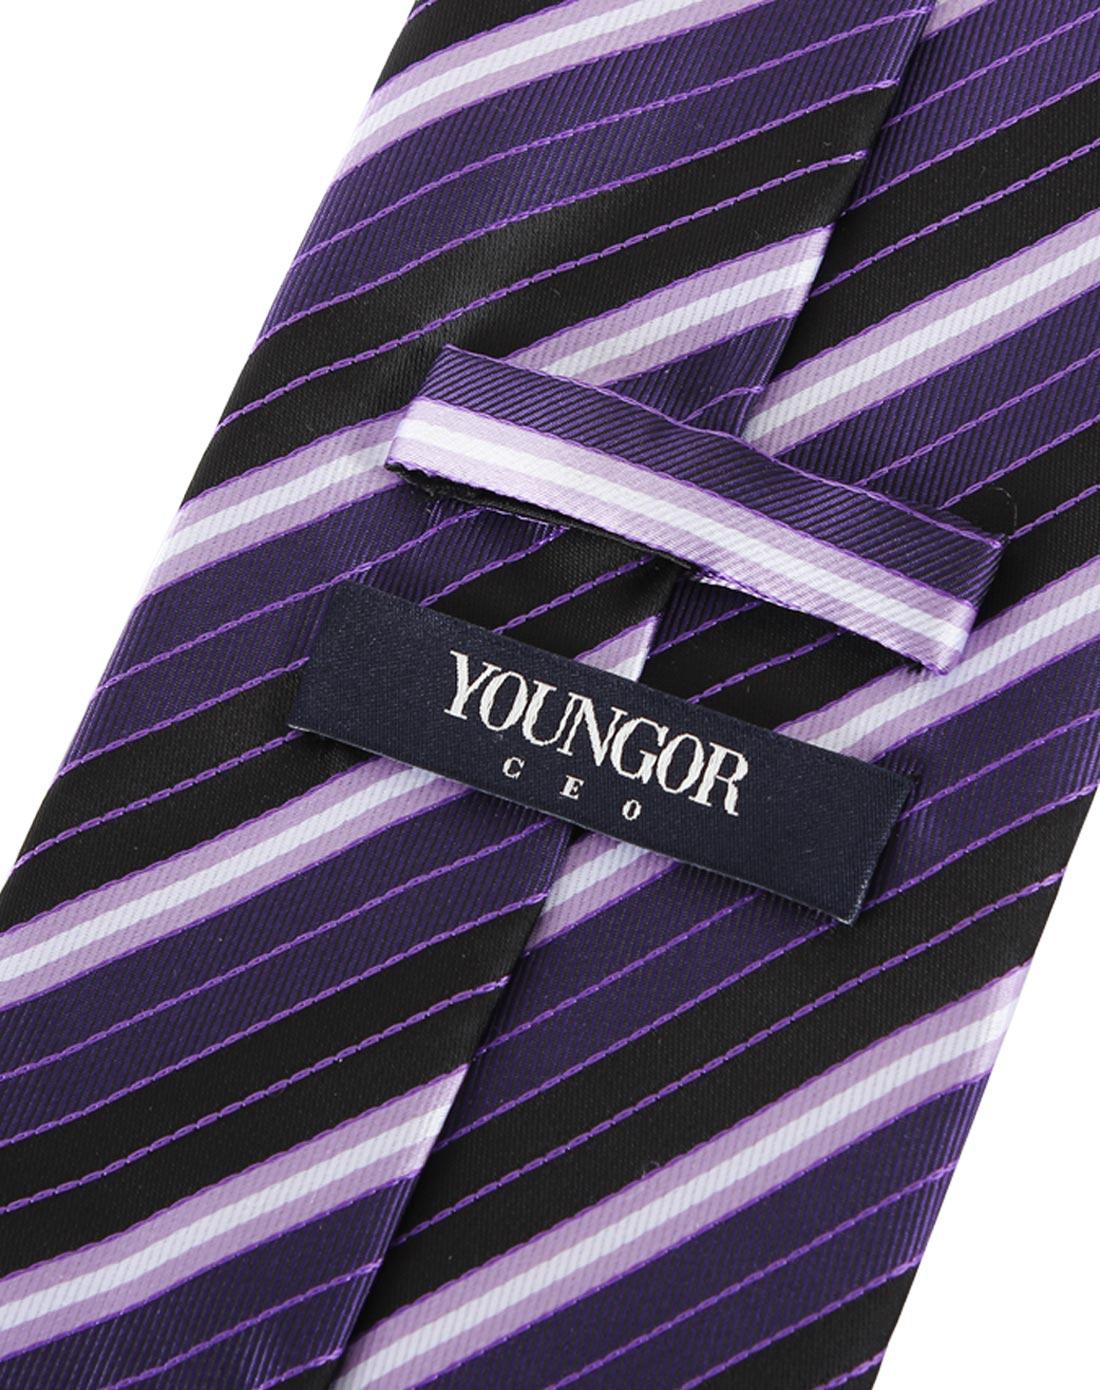 胡囹f�X��yK�x�~XZ���_雅戈尔youngor雅戈尔男装紫色领带yk3517pa7022-311